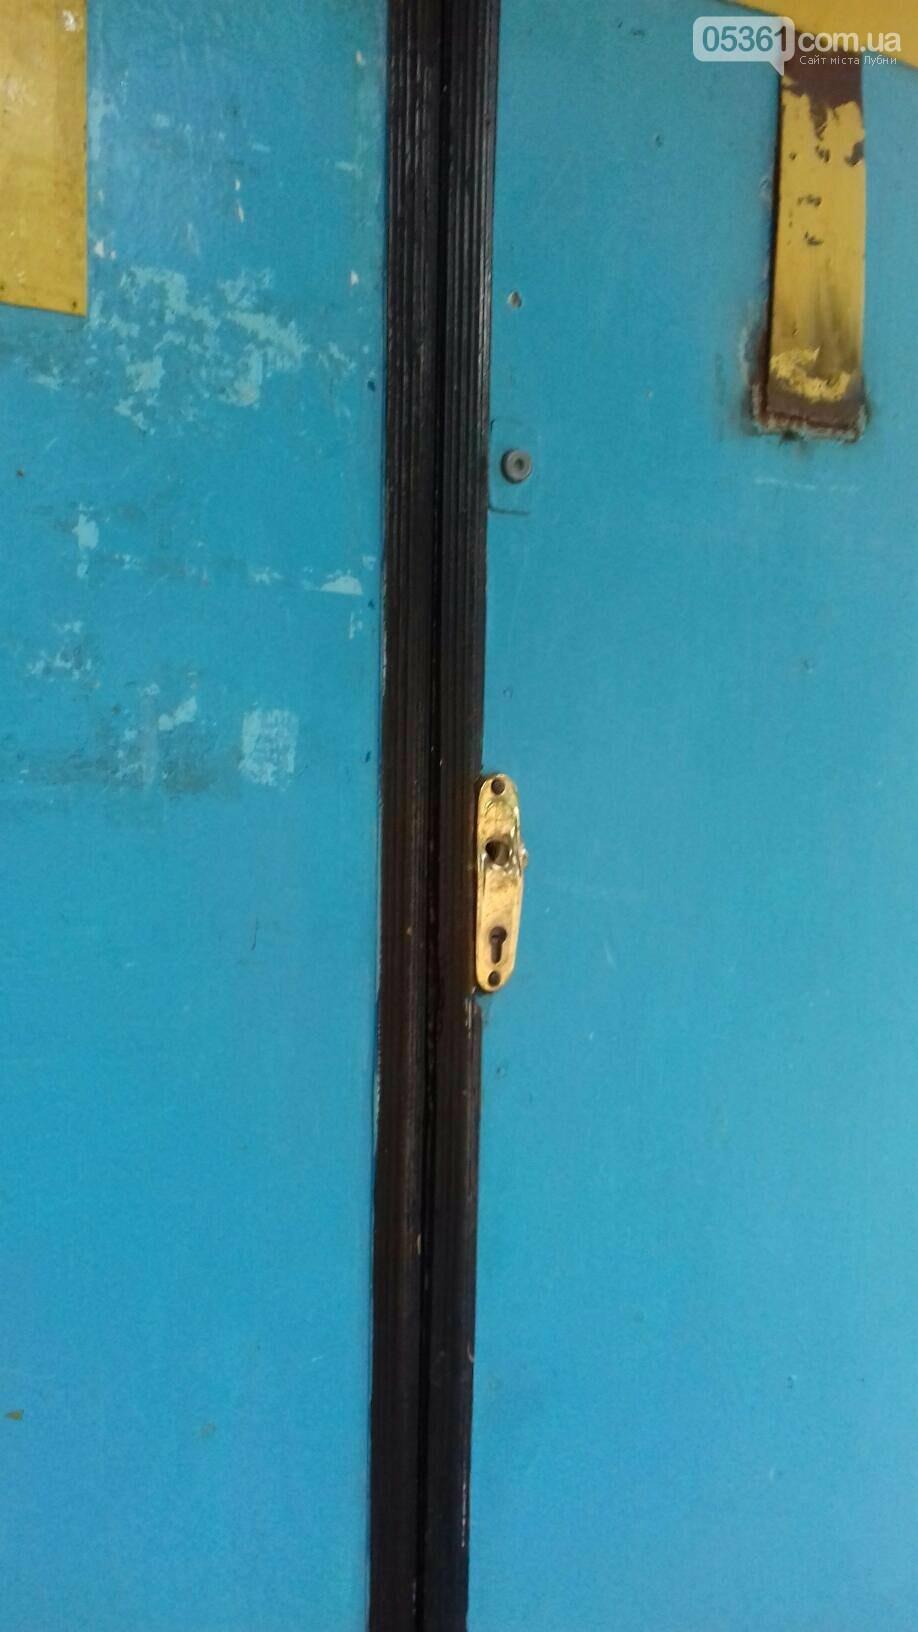 Жахливий акт вандалізму в Лубнах, фото-5